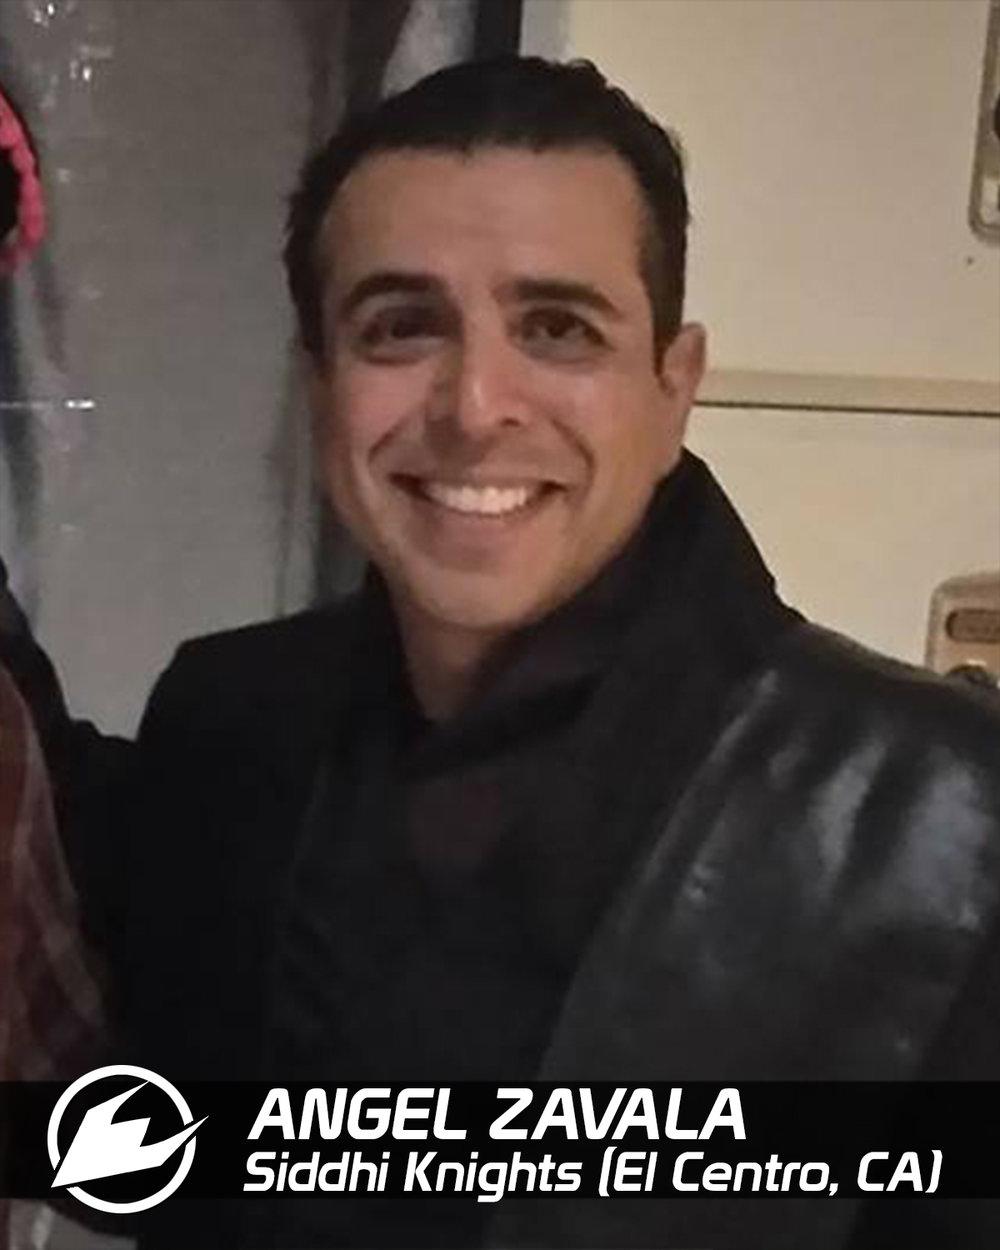 AngelZavala180913.jpg